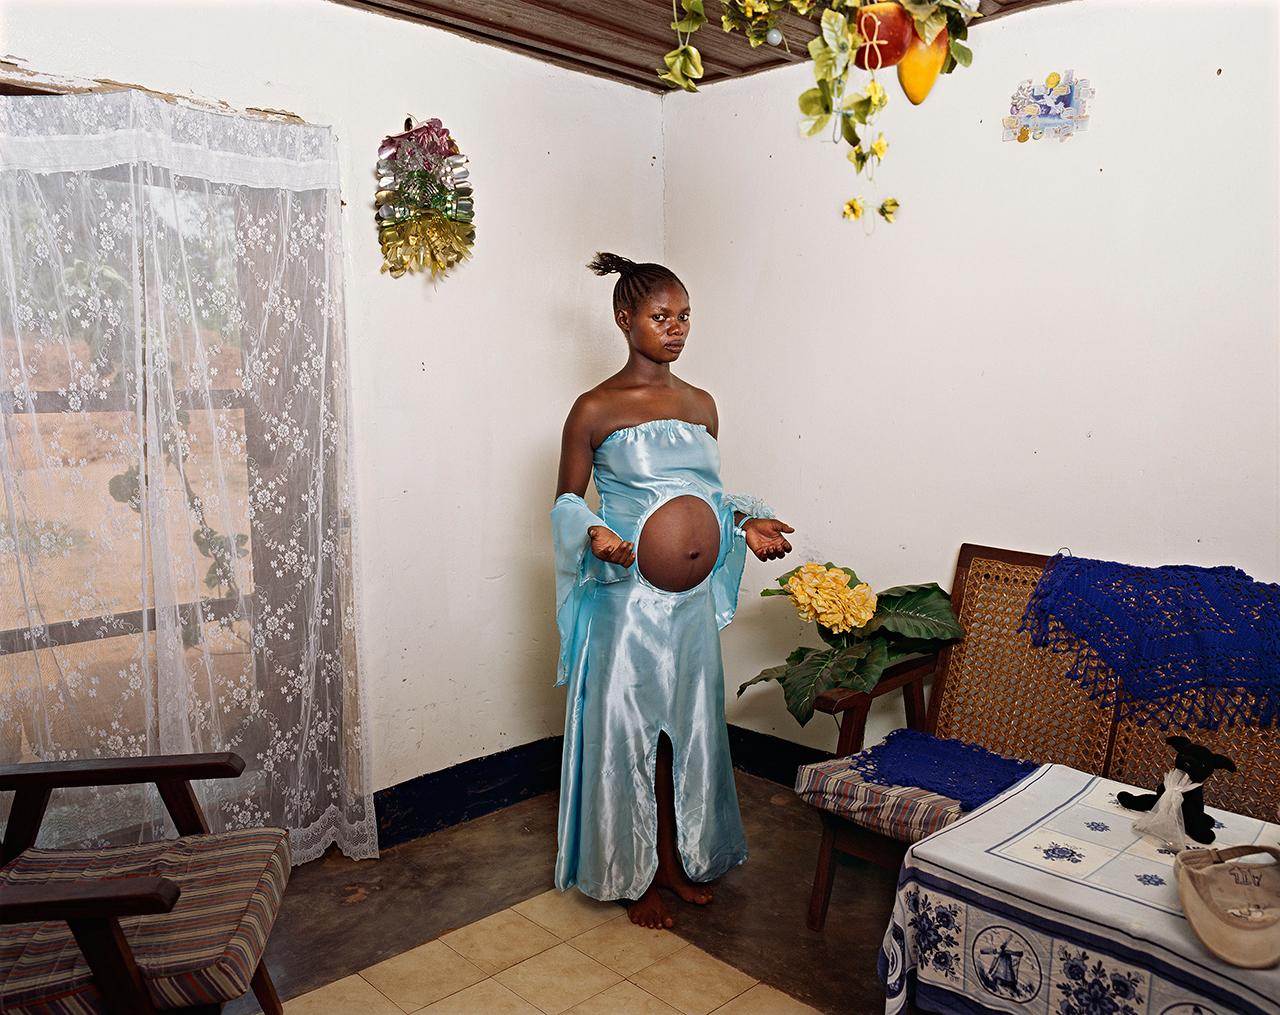 Deana Lawson. Mama Goma, Gemena, DR Congo, 2014 © Deana Lawson. Courtesy of Rhona Hoffman Gallery, Chicago.